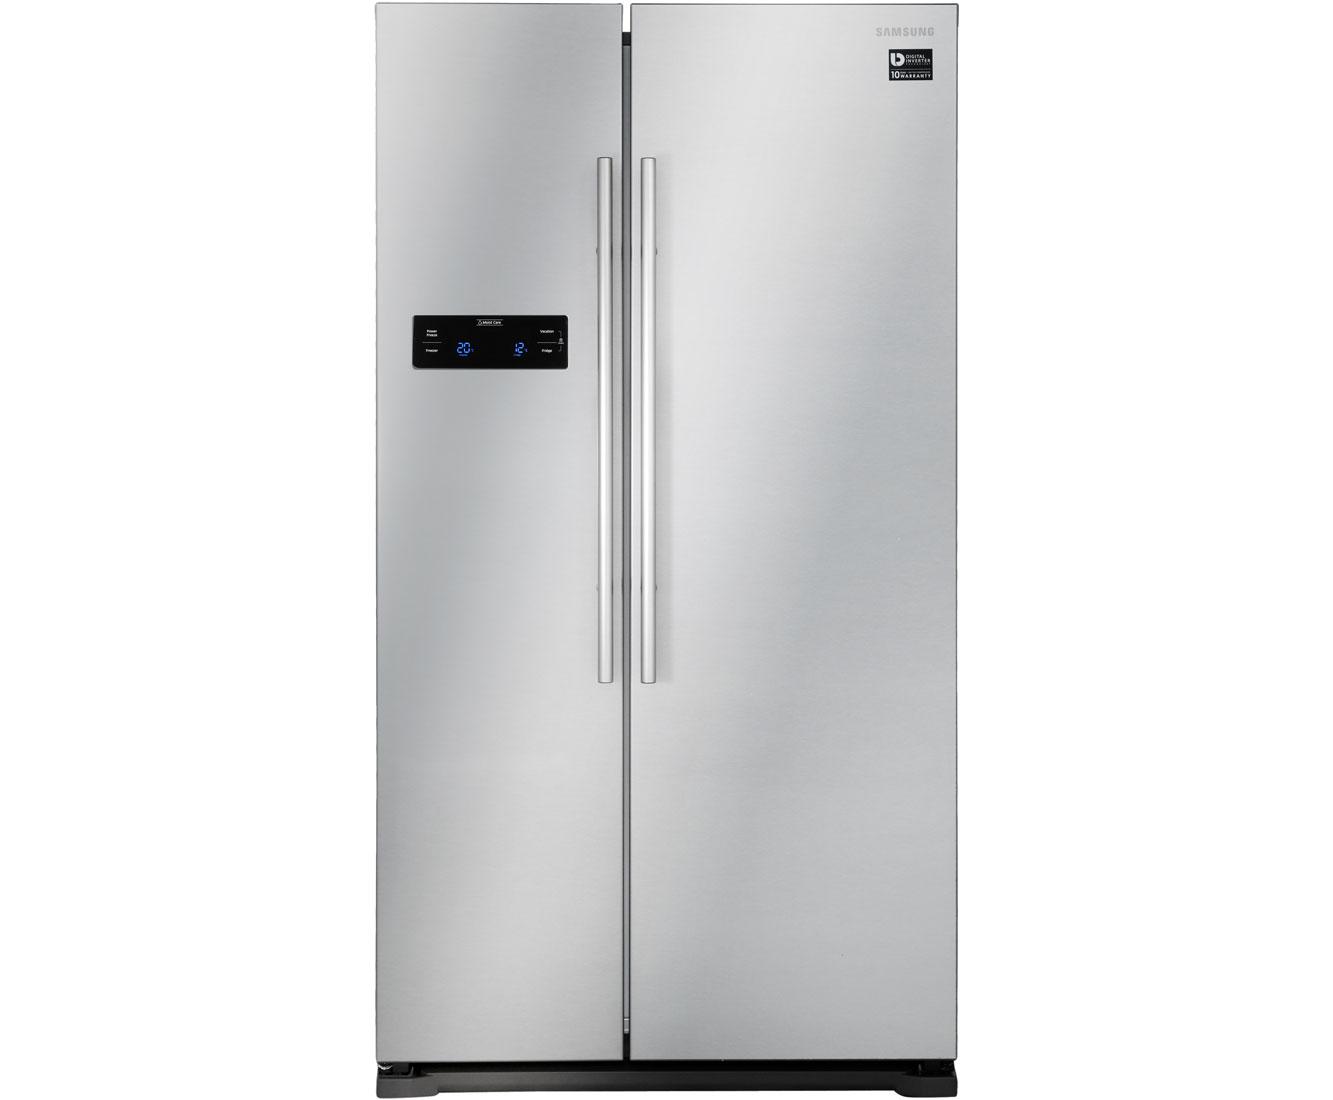 Kühlschrank Mit Aufbau : Kühlschrank einbauen leicht gemacht easy installation u neff